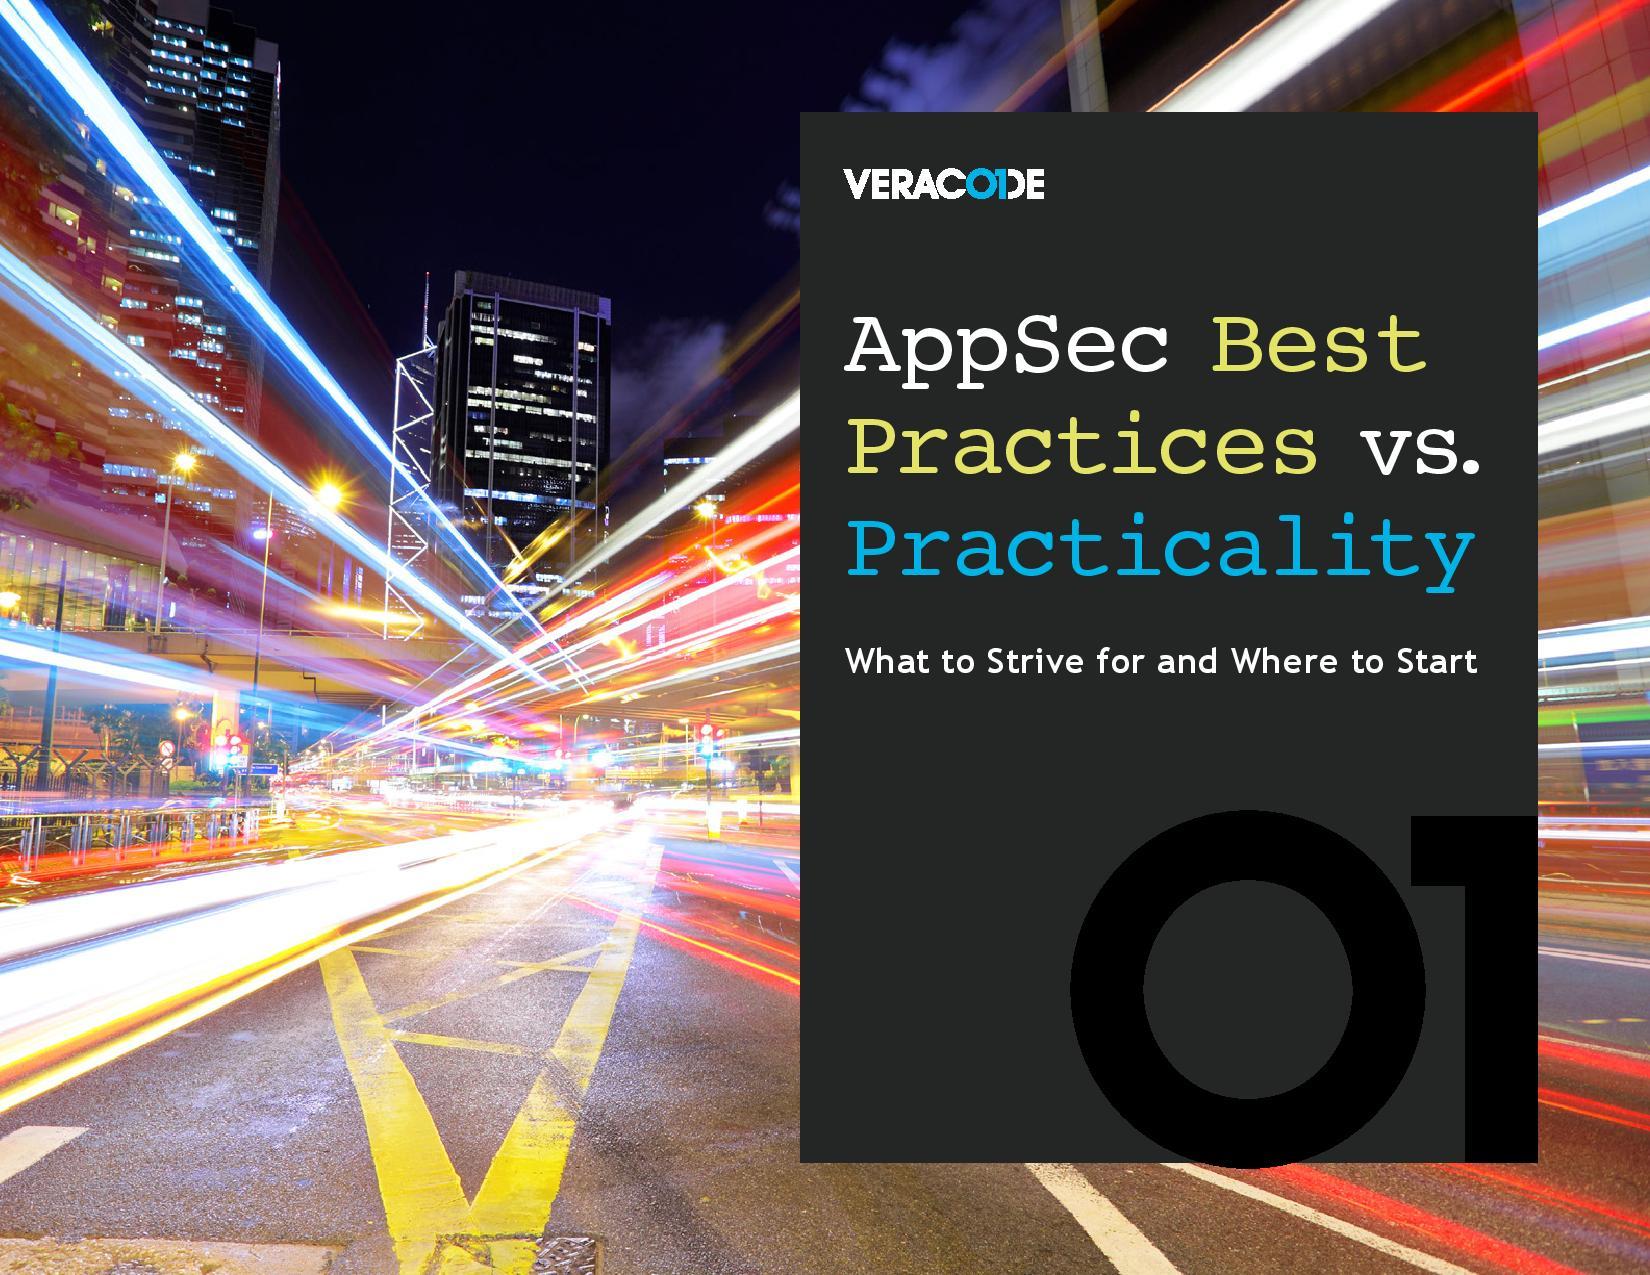 Meilleures pratiques AppSec par rapport à la fonctionnalité : ce que vous devez viser et par où commencer